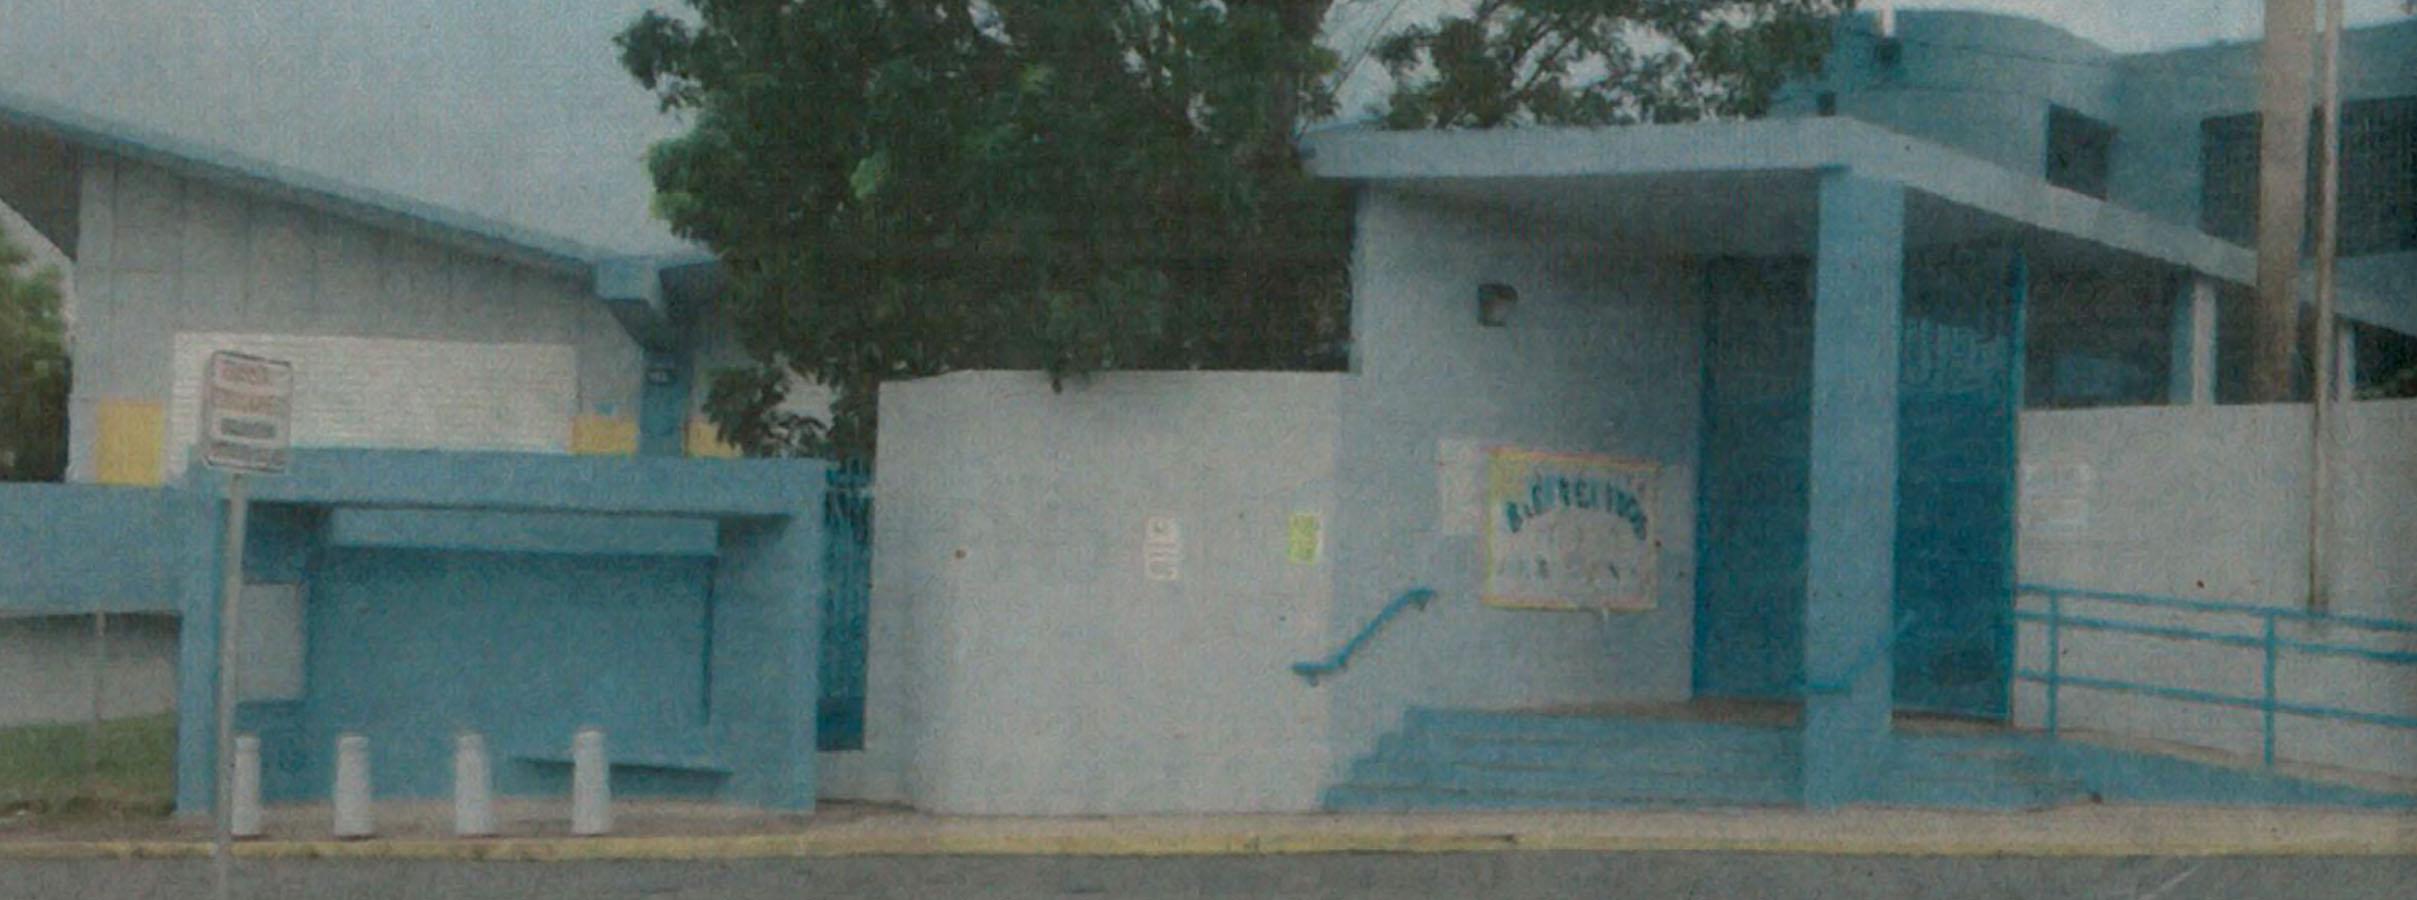 Vigilancia en Residenciales y Escuelas de Rexville